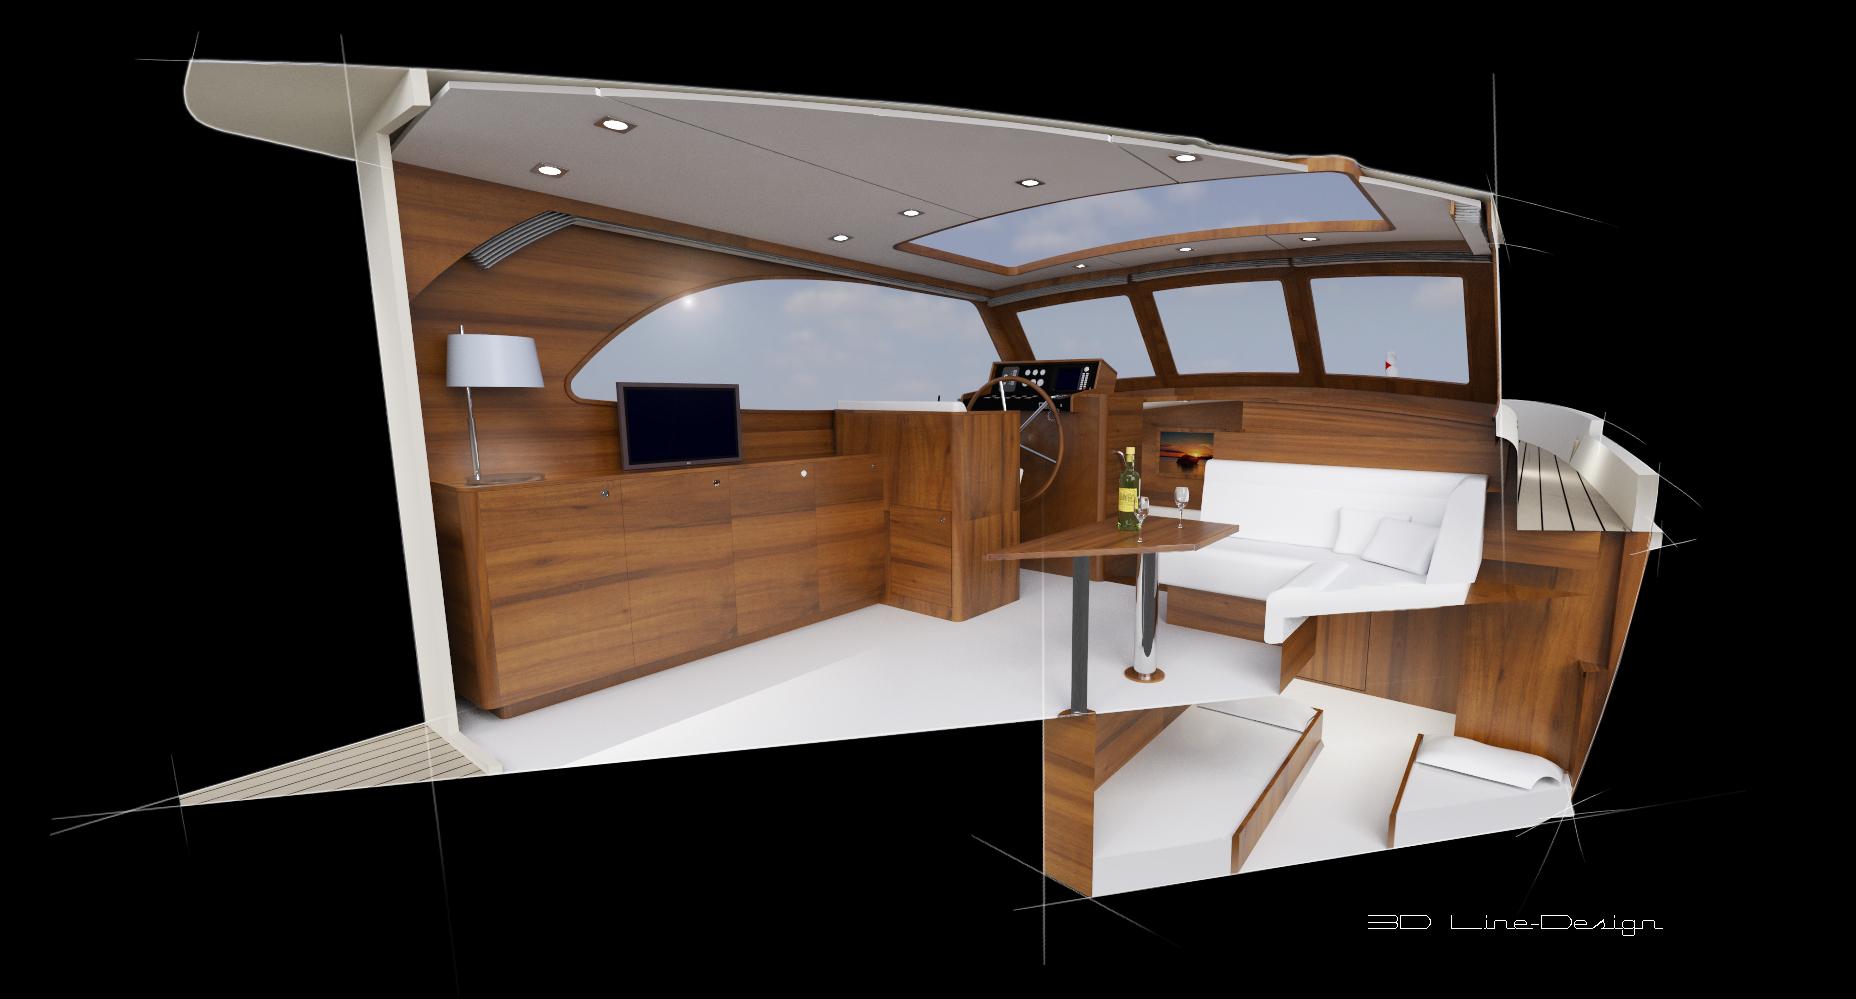 Zwart met witte lijnen zon 3d line design3d line design - Zwart design lounge en witte ...